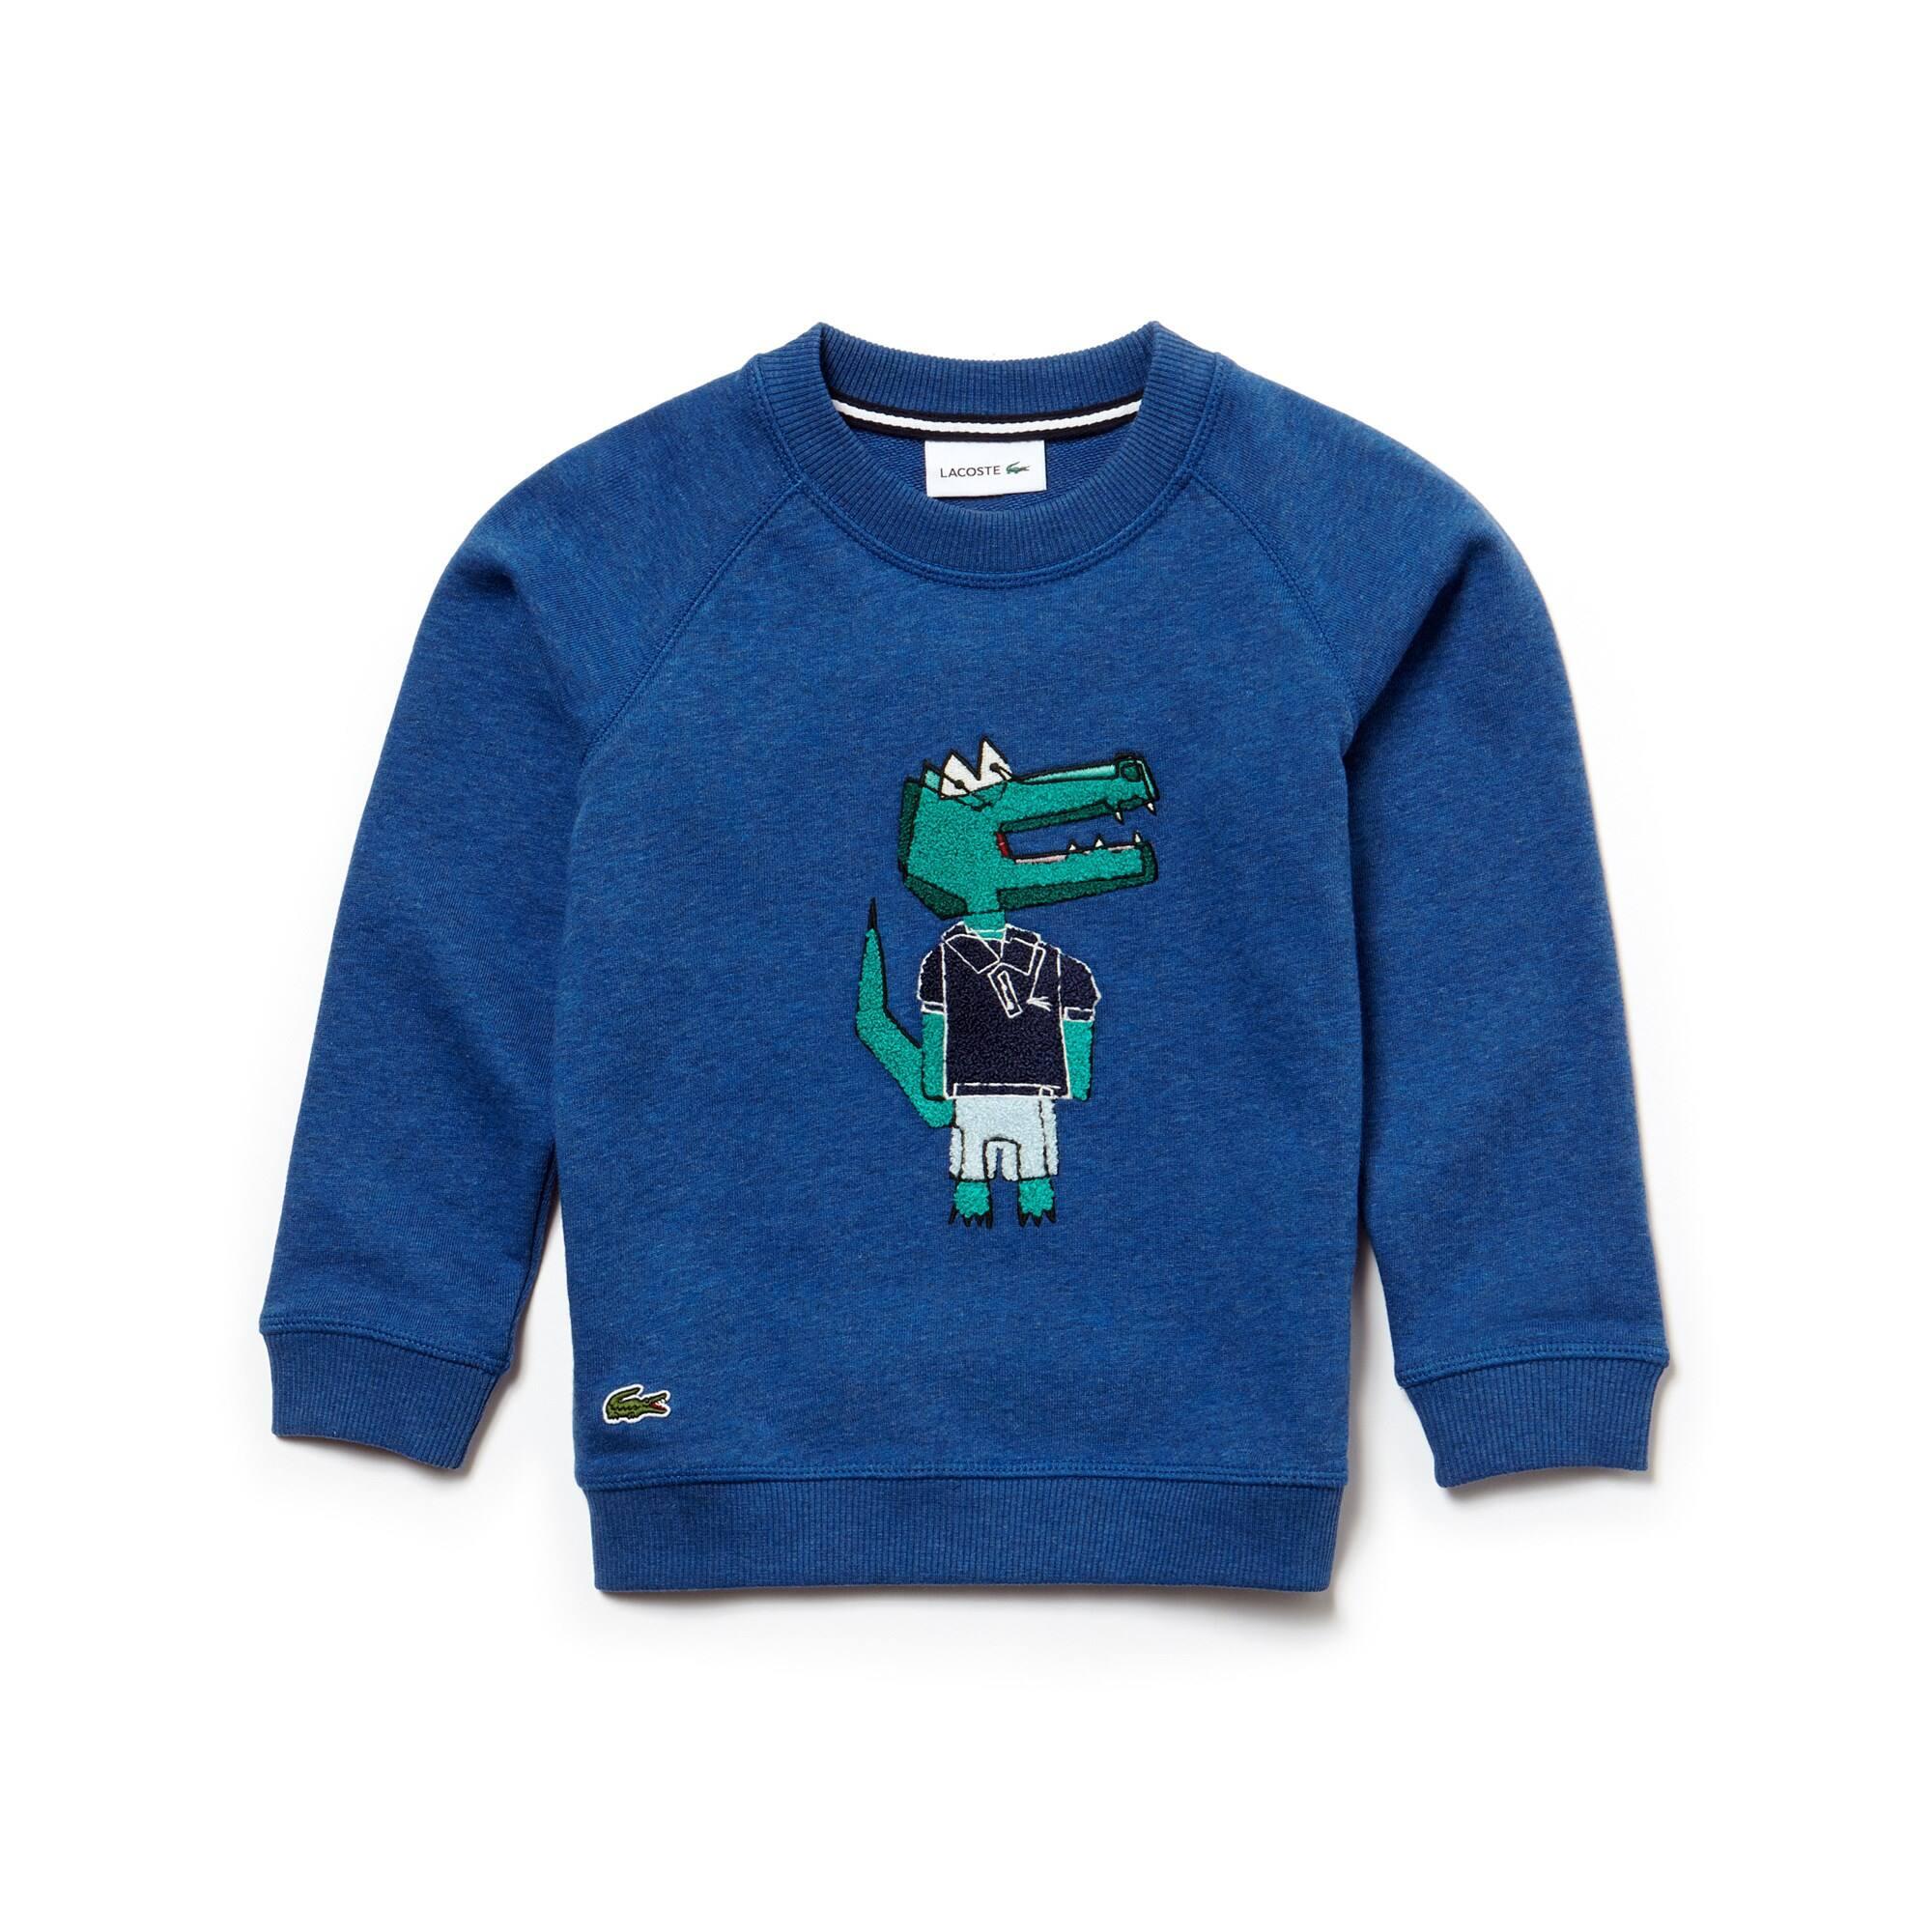 Sweatshirt decote redondo Menino em moletão índigo com crocodilo